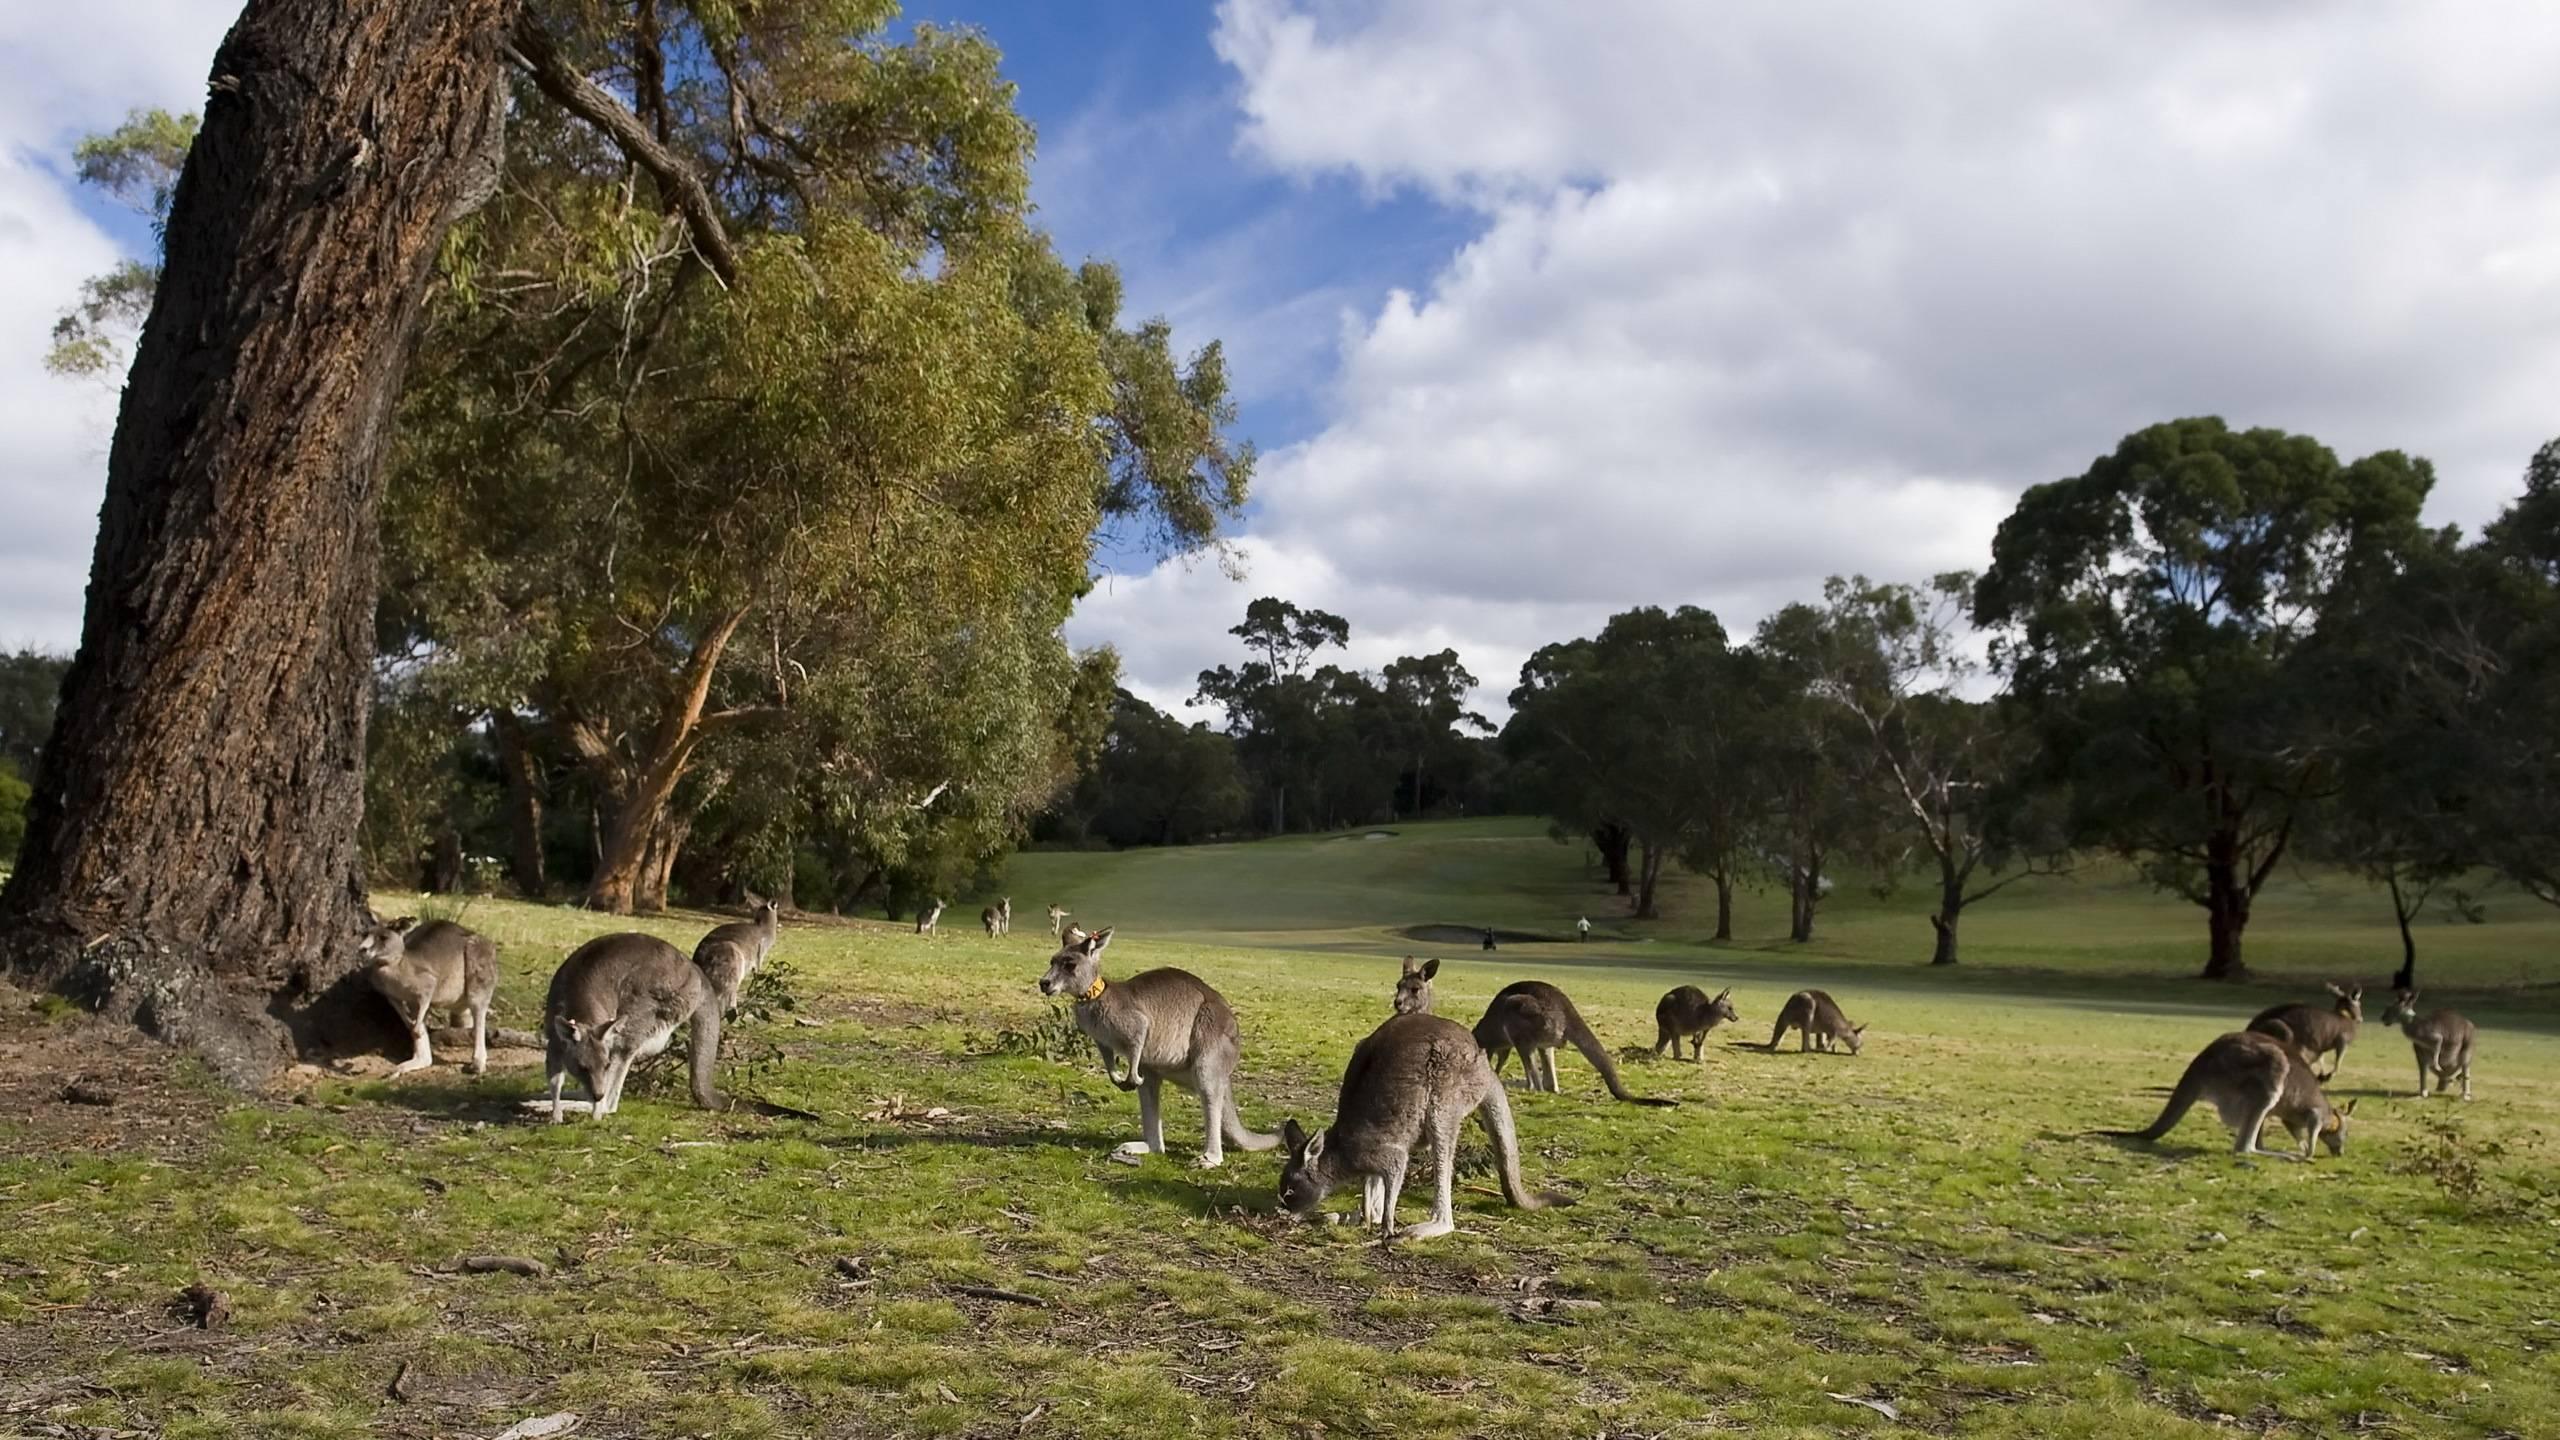 Kangaroo Wallpapers, Download Australian Kangaroos HD Wallpaper Free